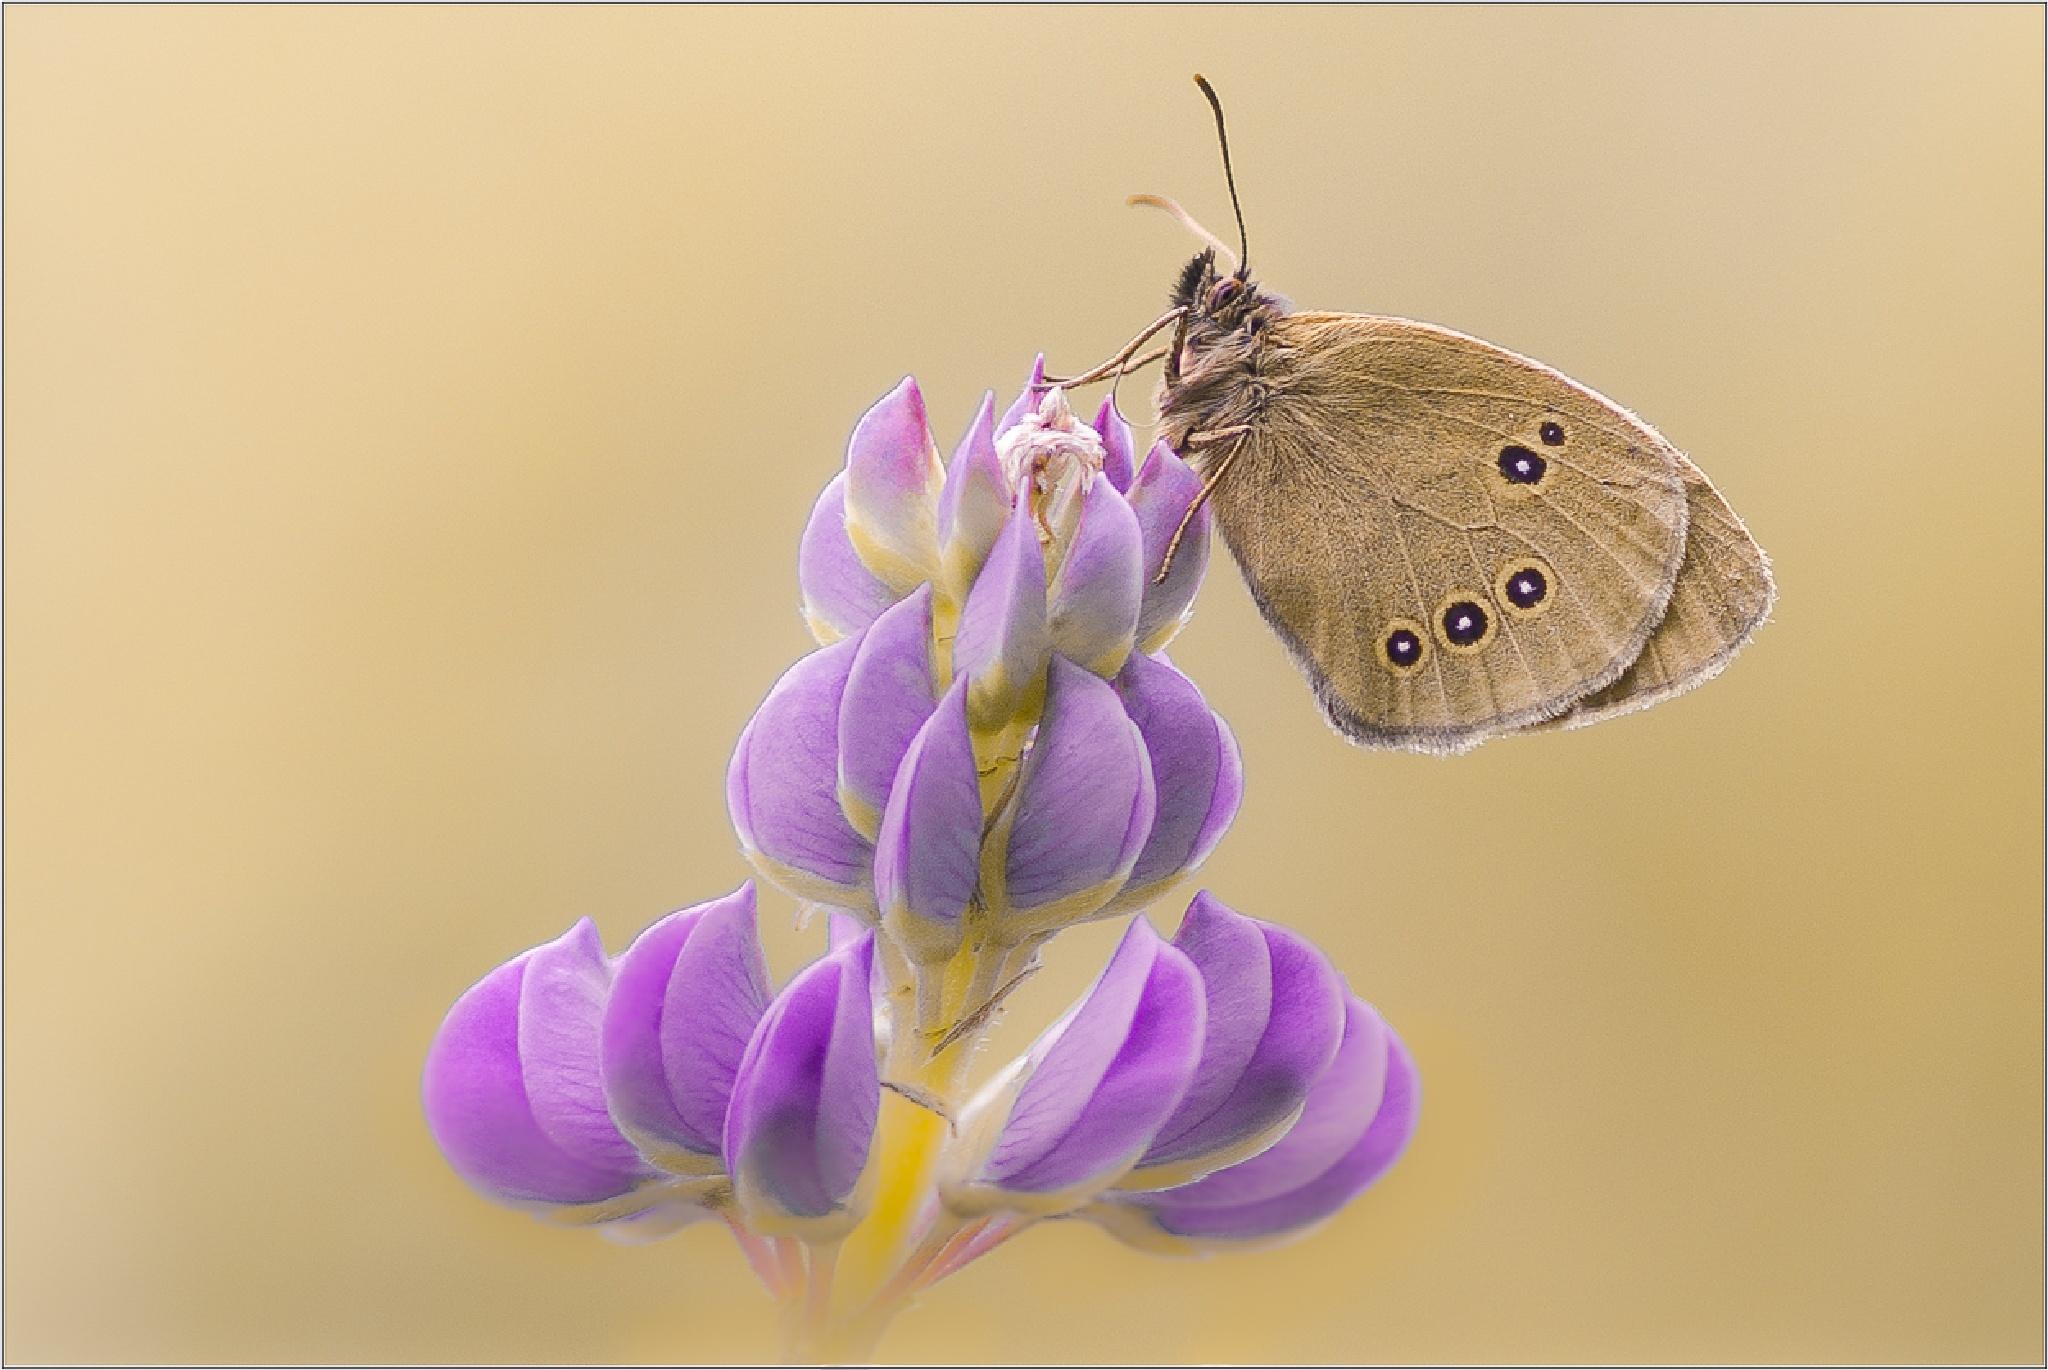 Schmetterlings Makro by Friedrich Beren